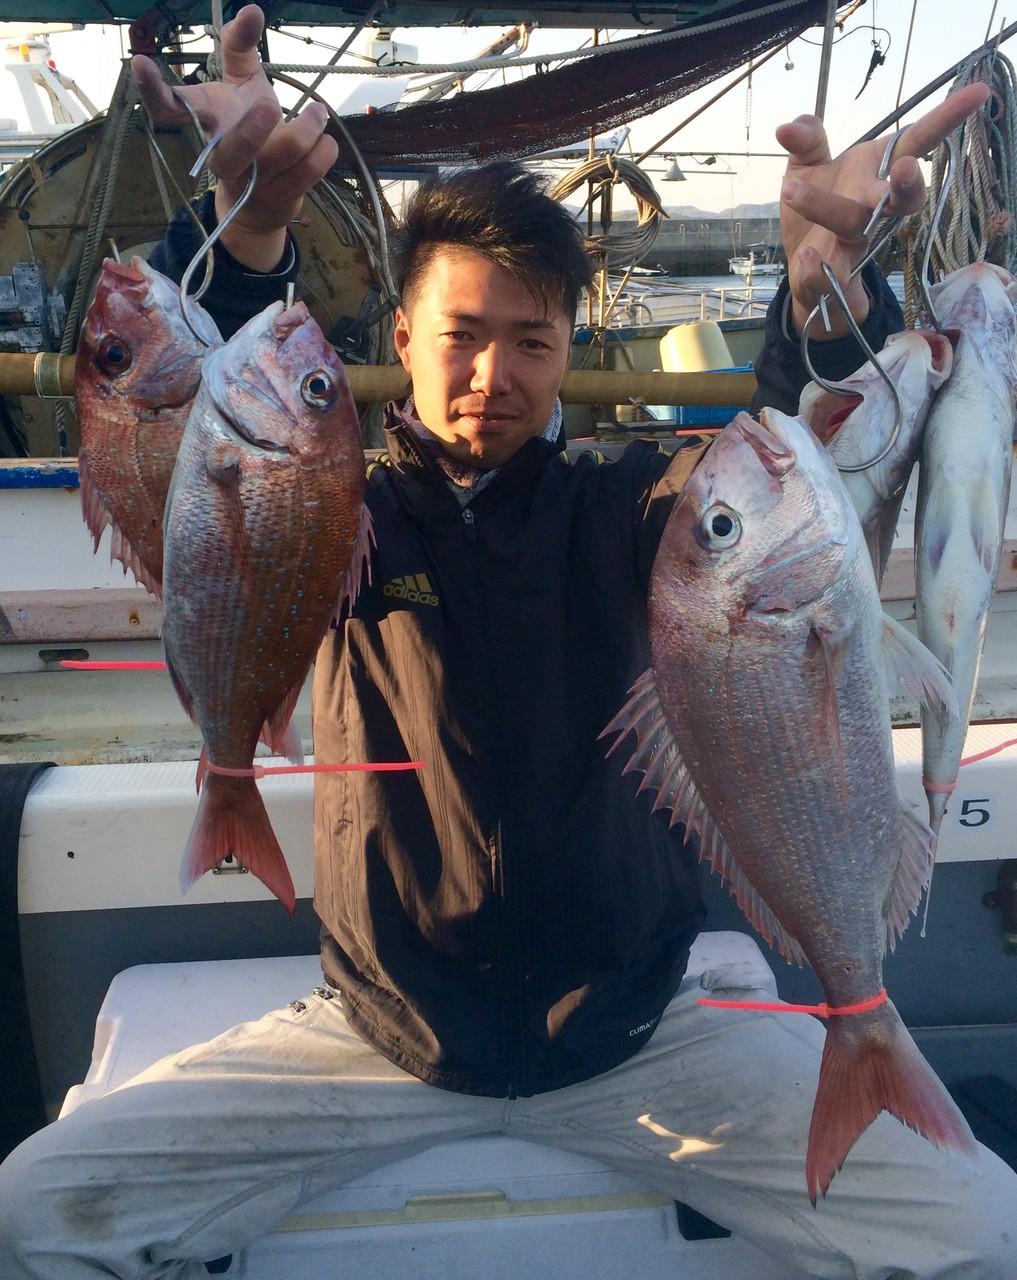 竿頭!!5Fish!